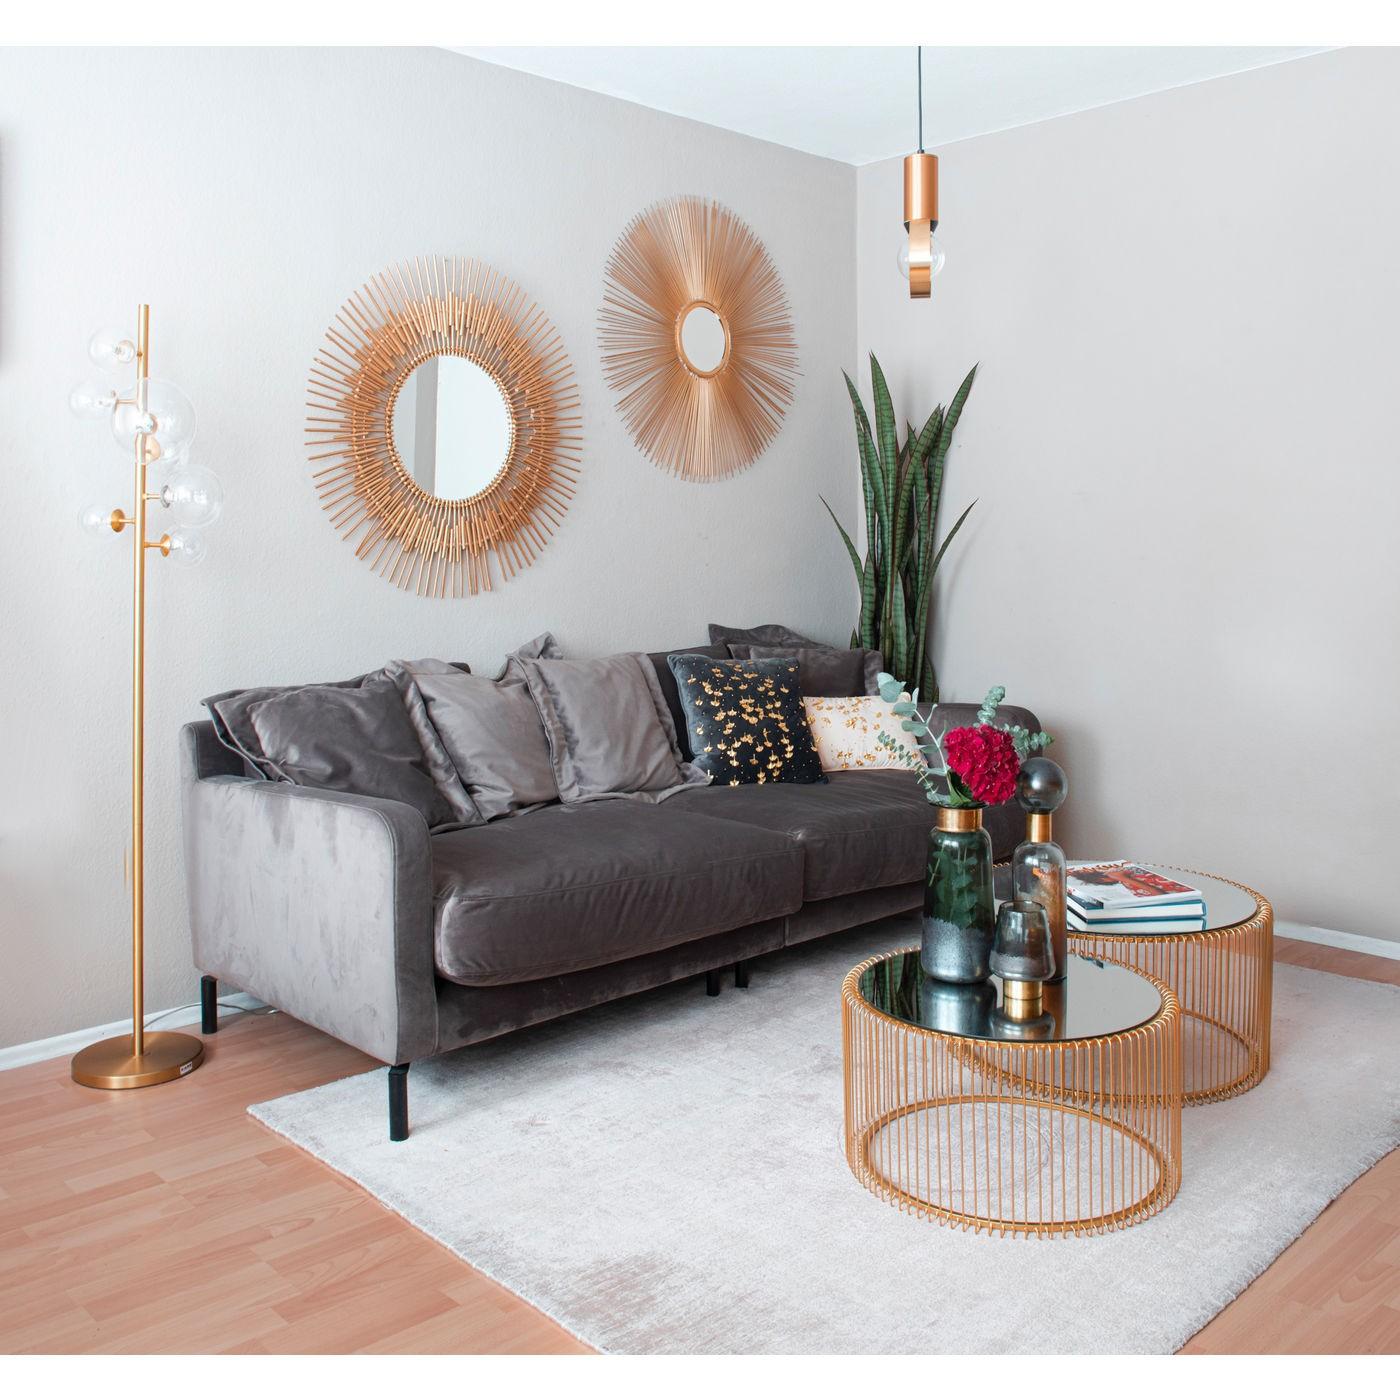 Coussin gris feuilles de ginkgo dorées Kare Design